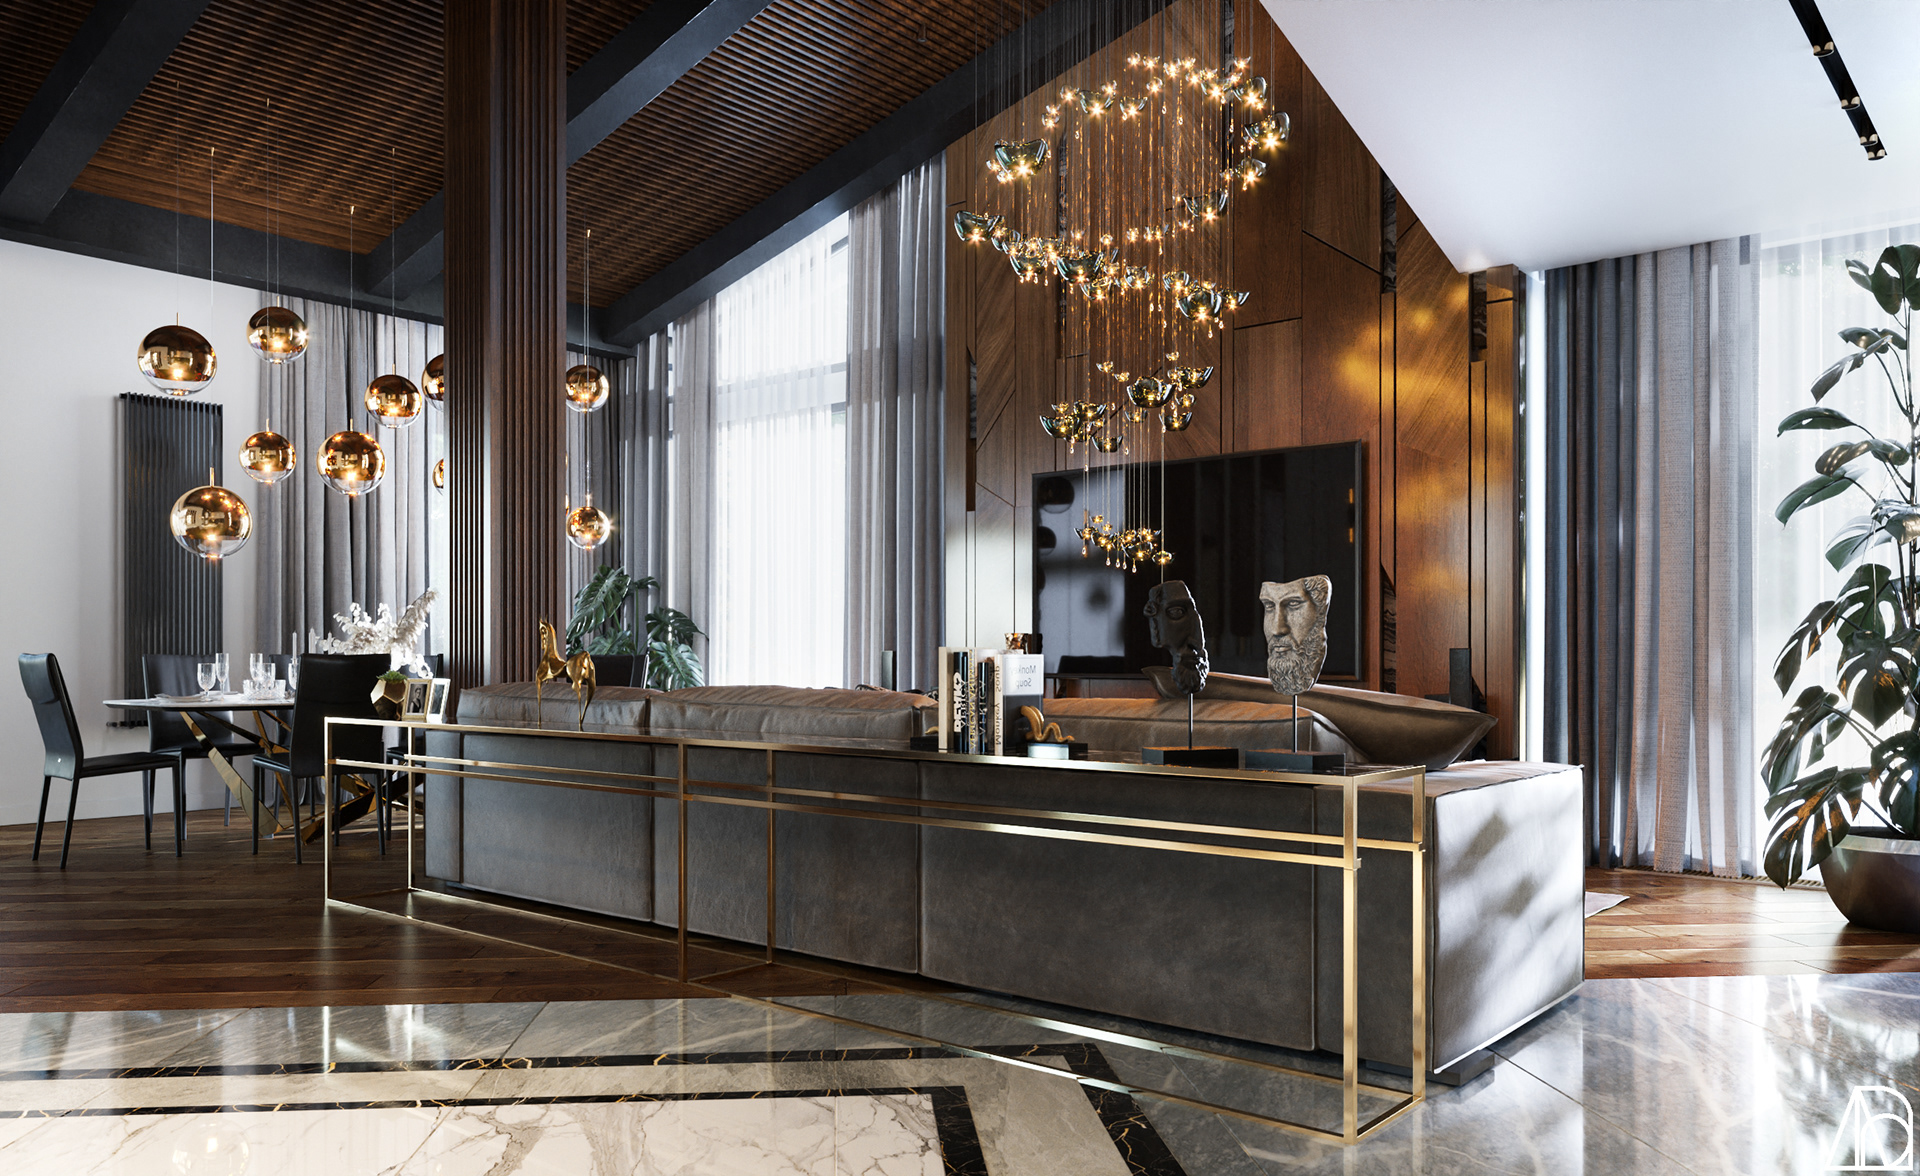 Phòng khách với phong cách nổi bật và không gian nghệ thuật hoàn hảo.